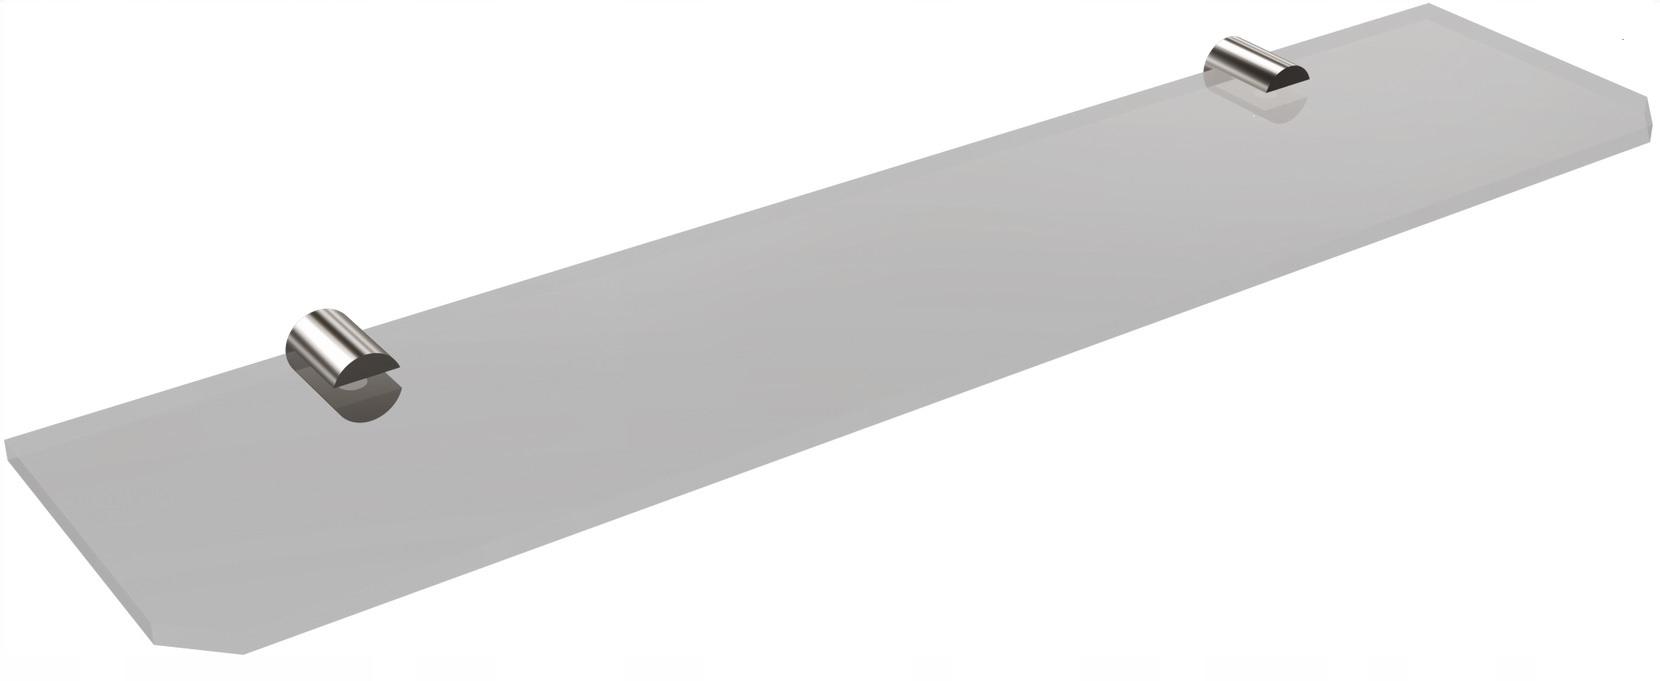 Polica bez rámu 50 cm, chróm SANIBELLA Andex